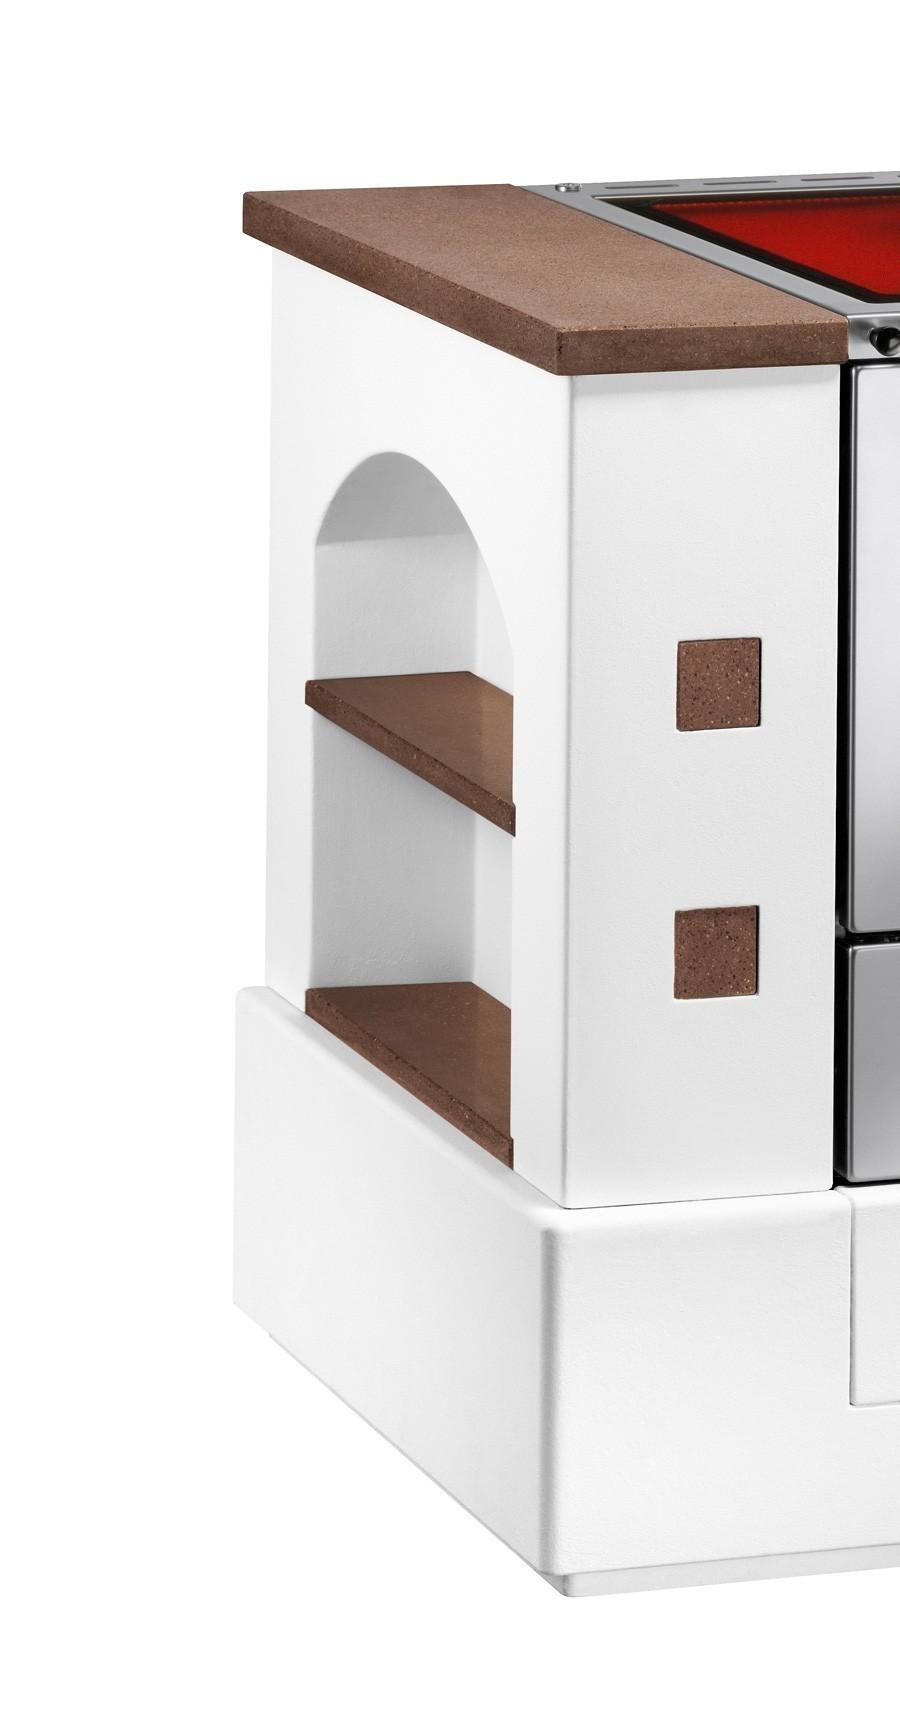 seitenteil f r haas sohn bausatz planai cotto mit facheinlagen bei. Black Bedroom Furniture Sets. Home Design Ideas